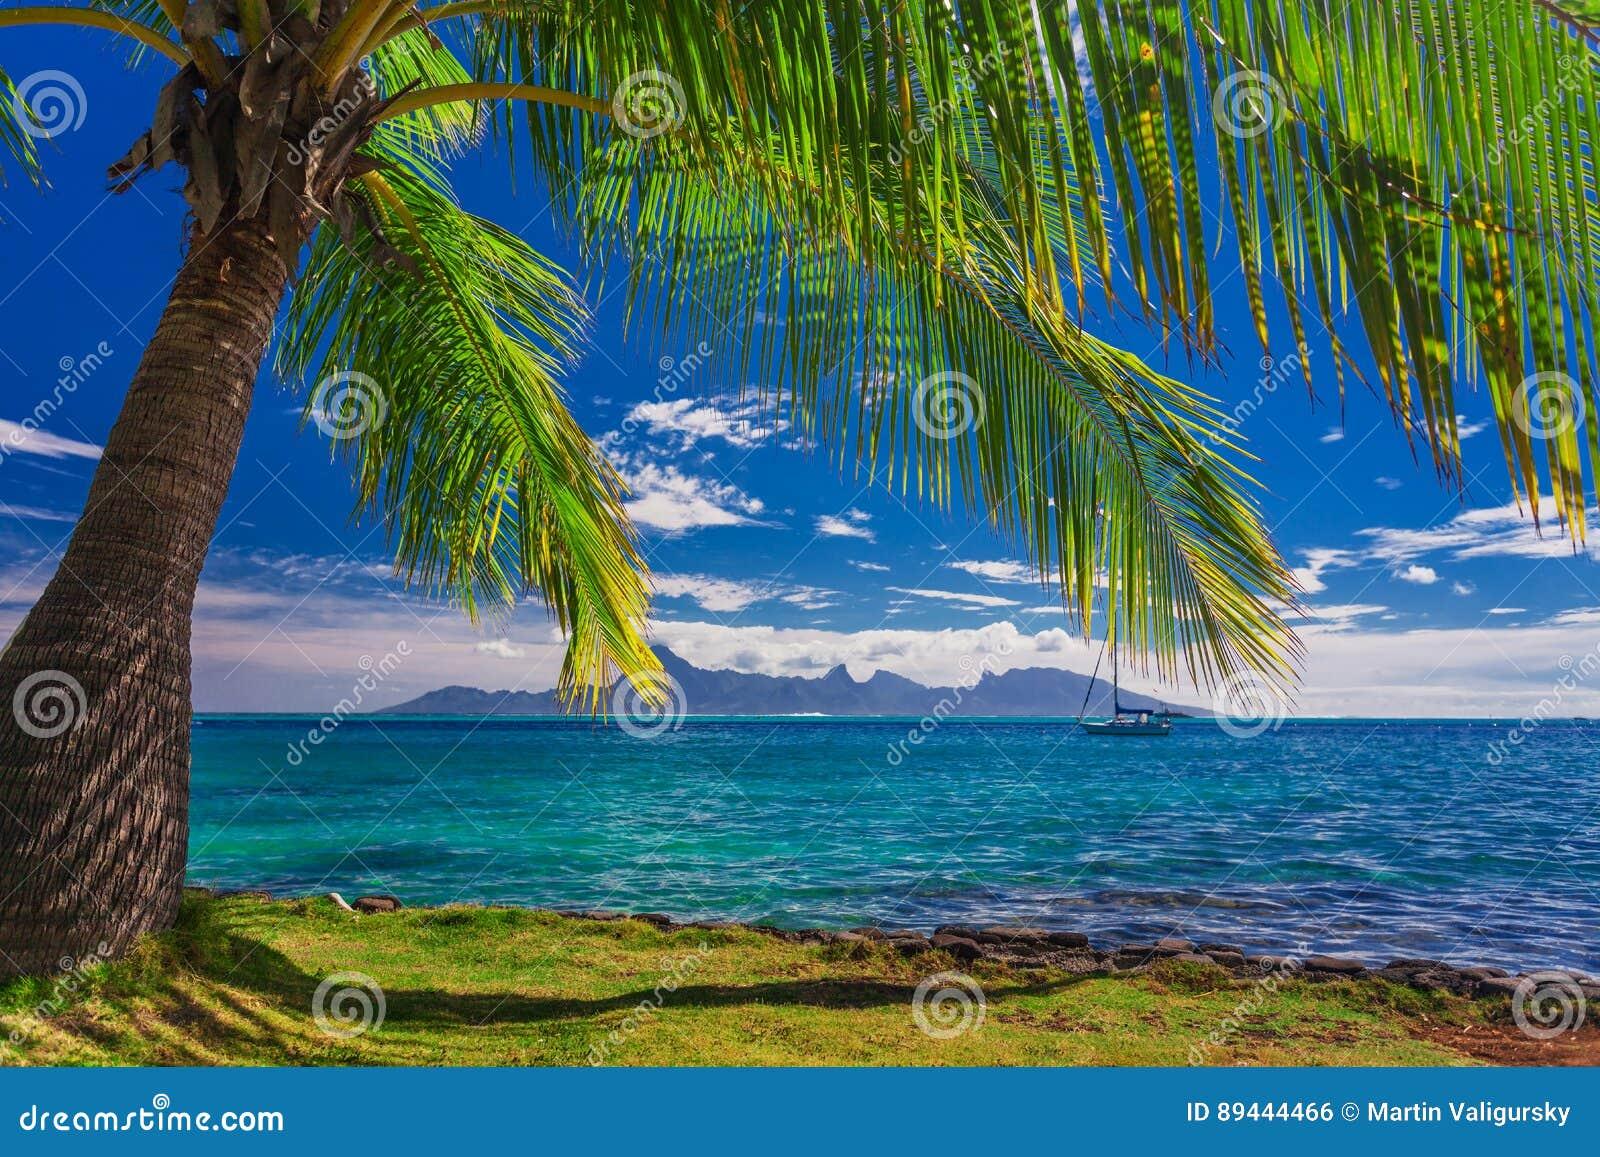 Palme auf dem Strand auf Tahiti mit der Ansicht von Moorea-Insel